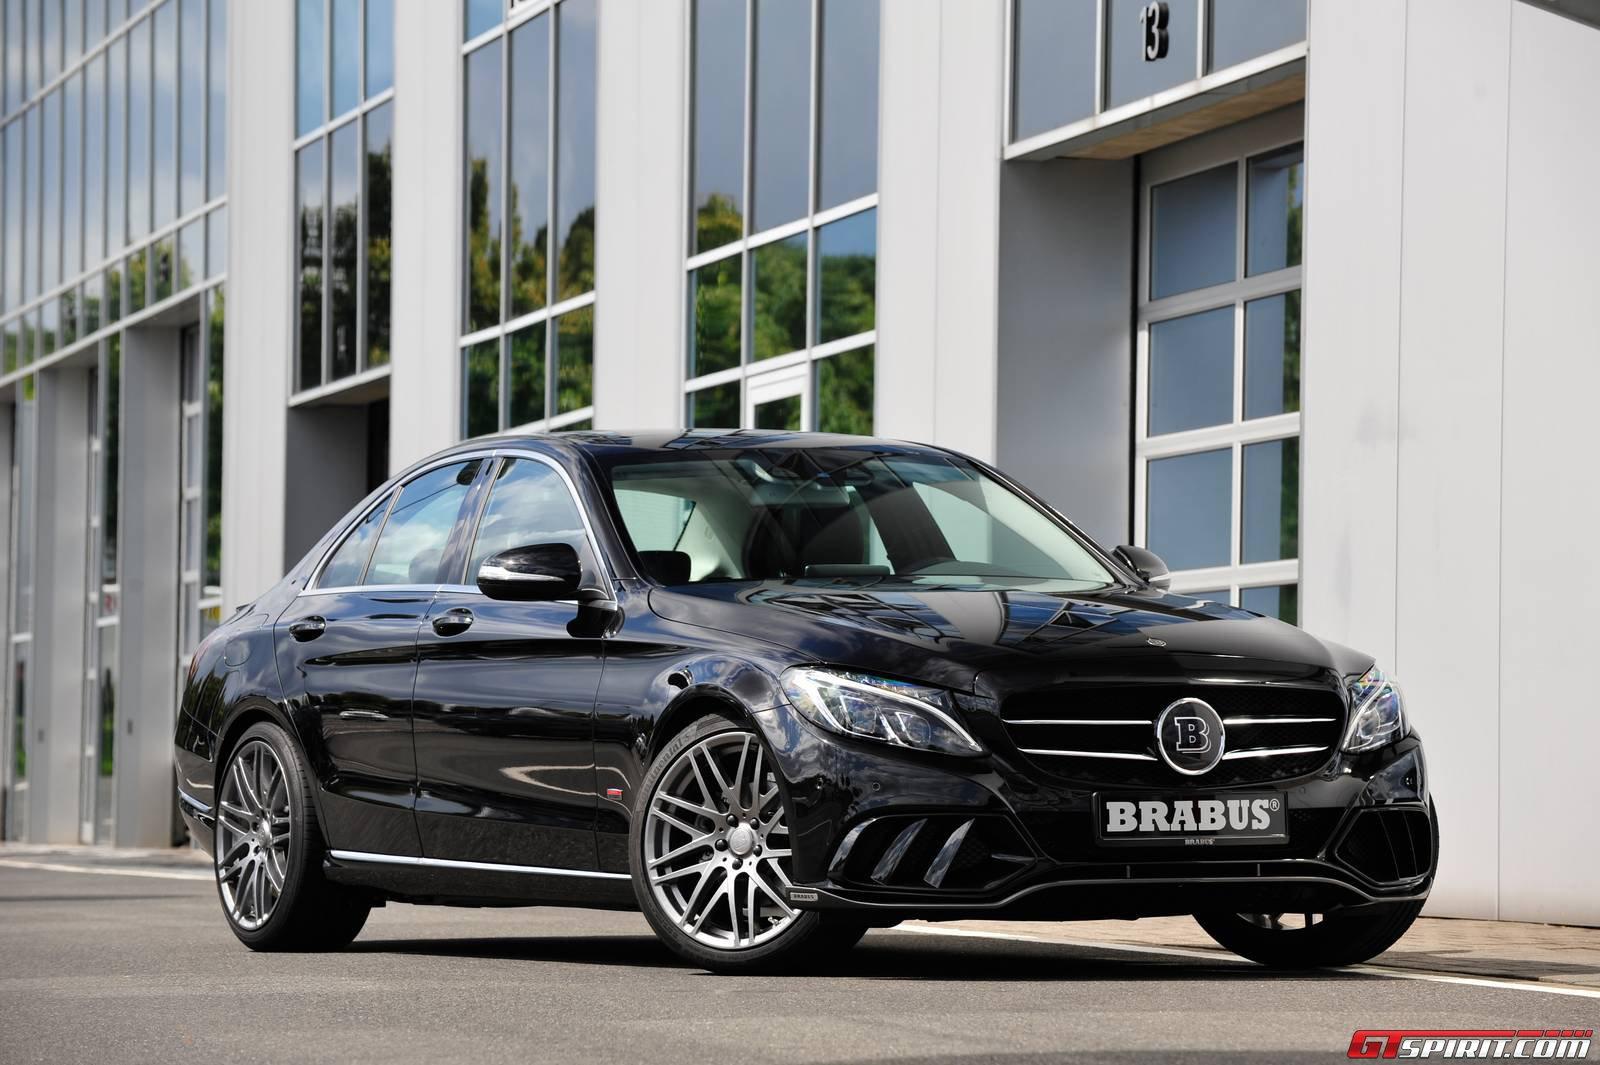 Official Brabus Mercedes Benz C Class Gtspirit